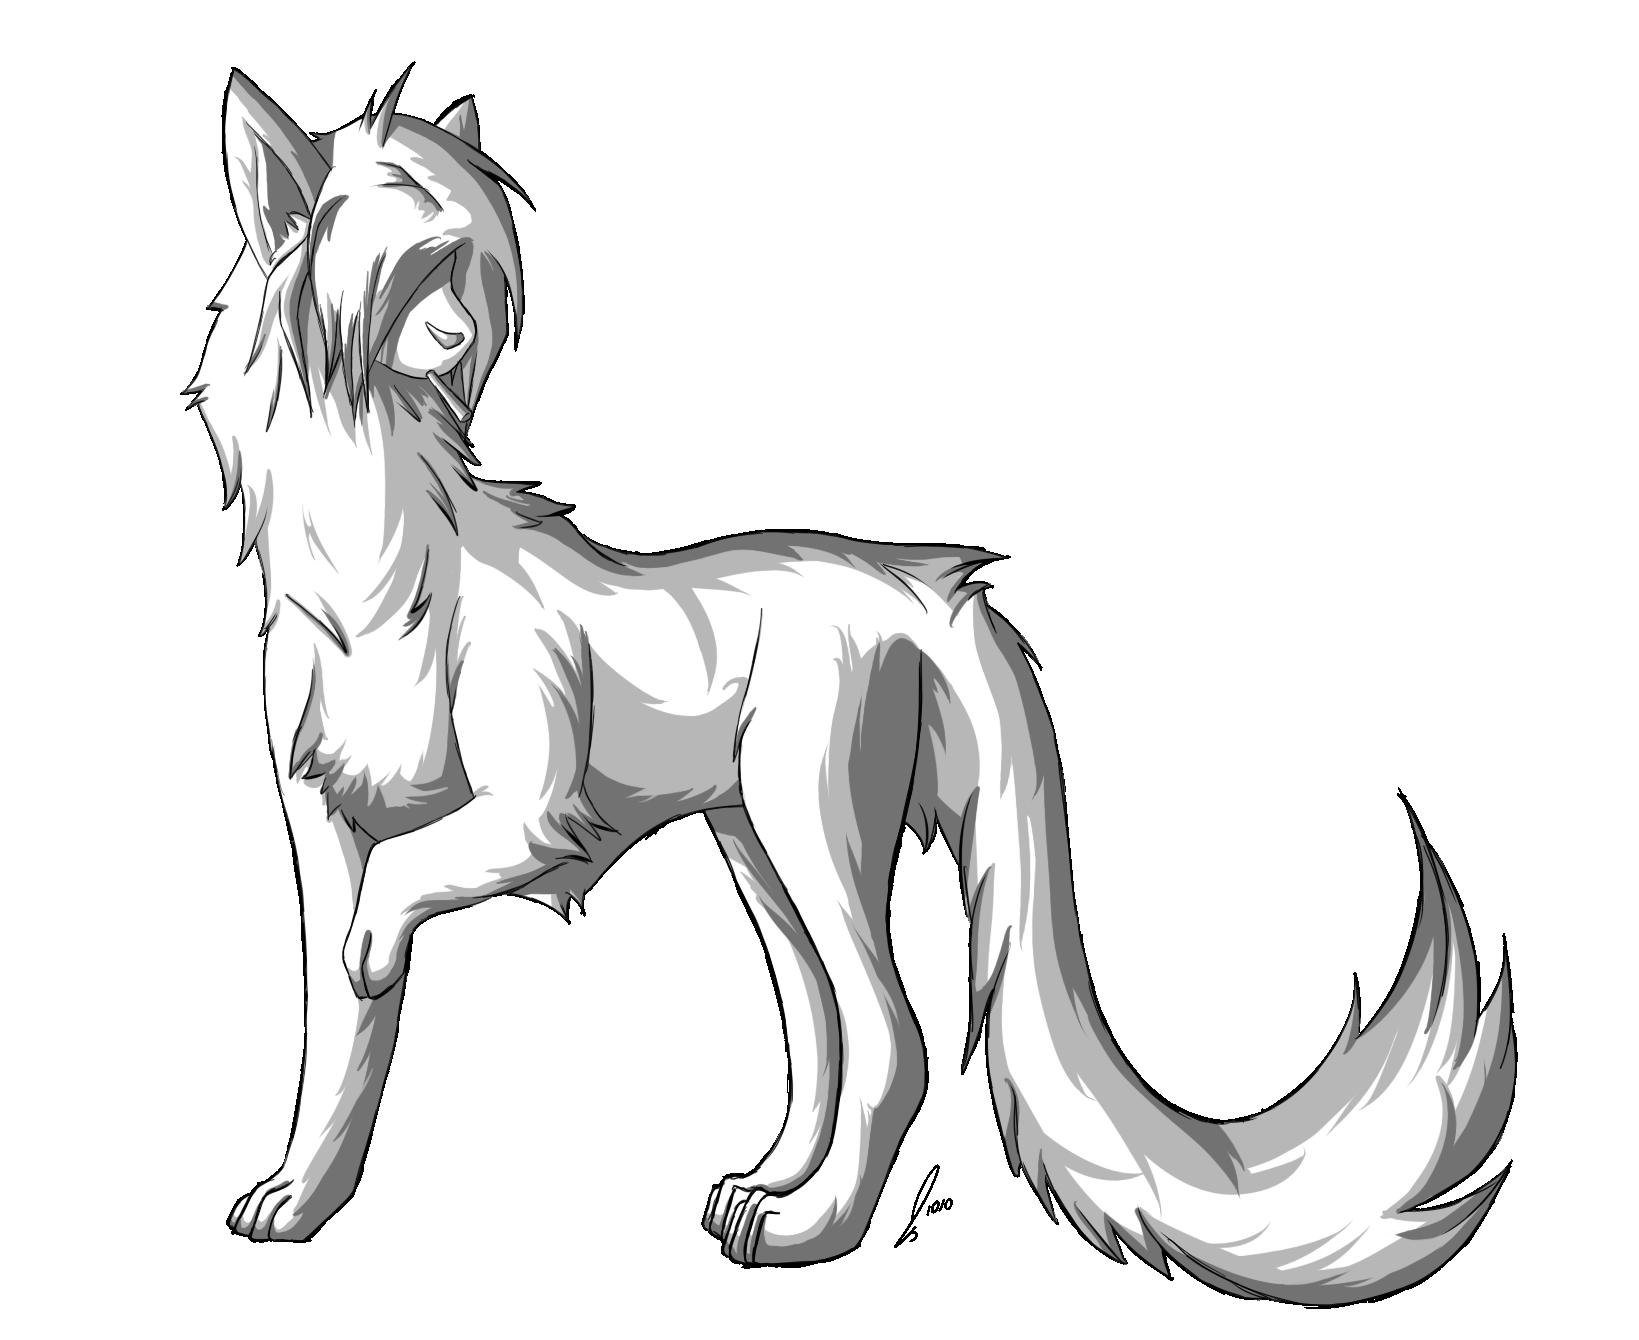 Scenedog Lineart by jaclynonacloud